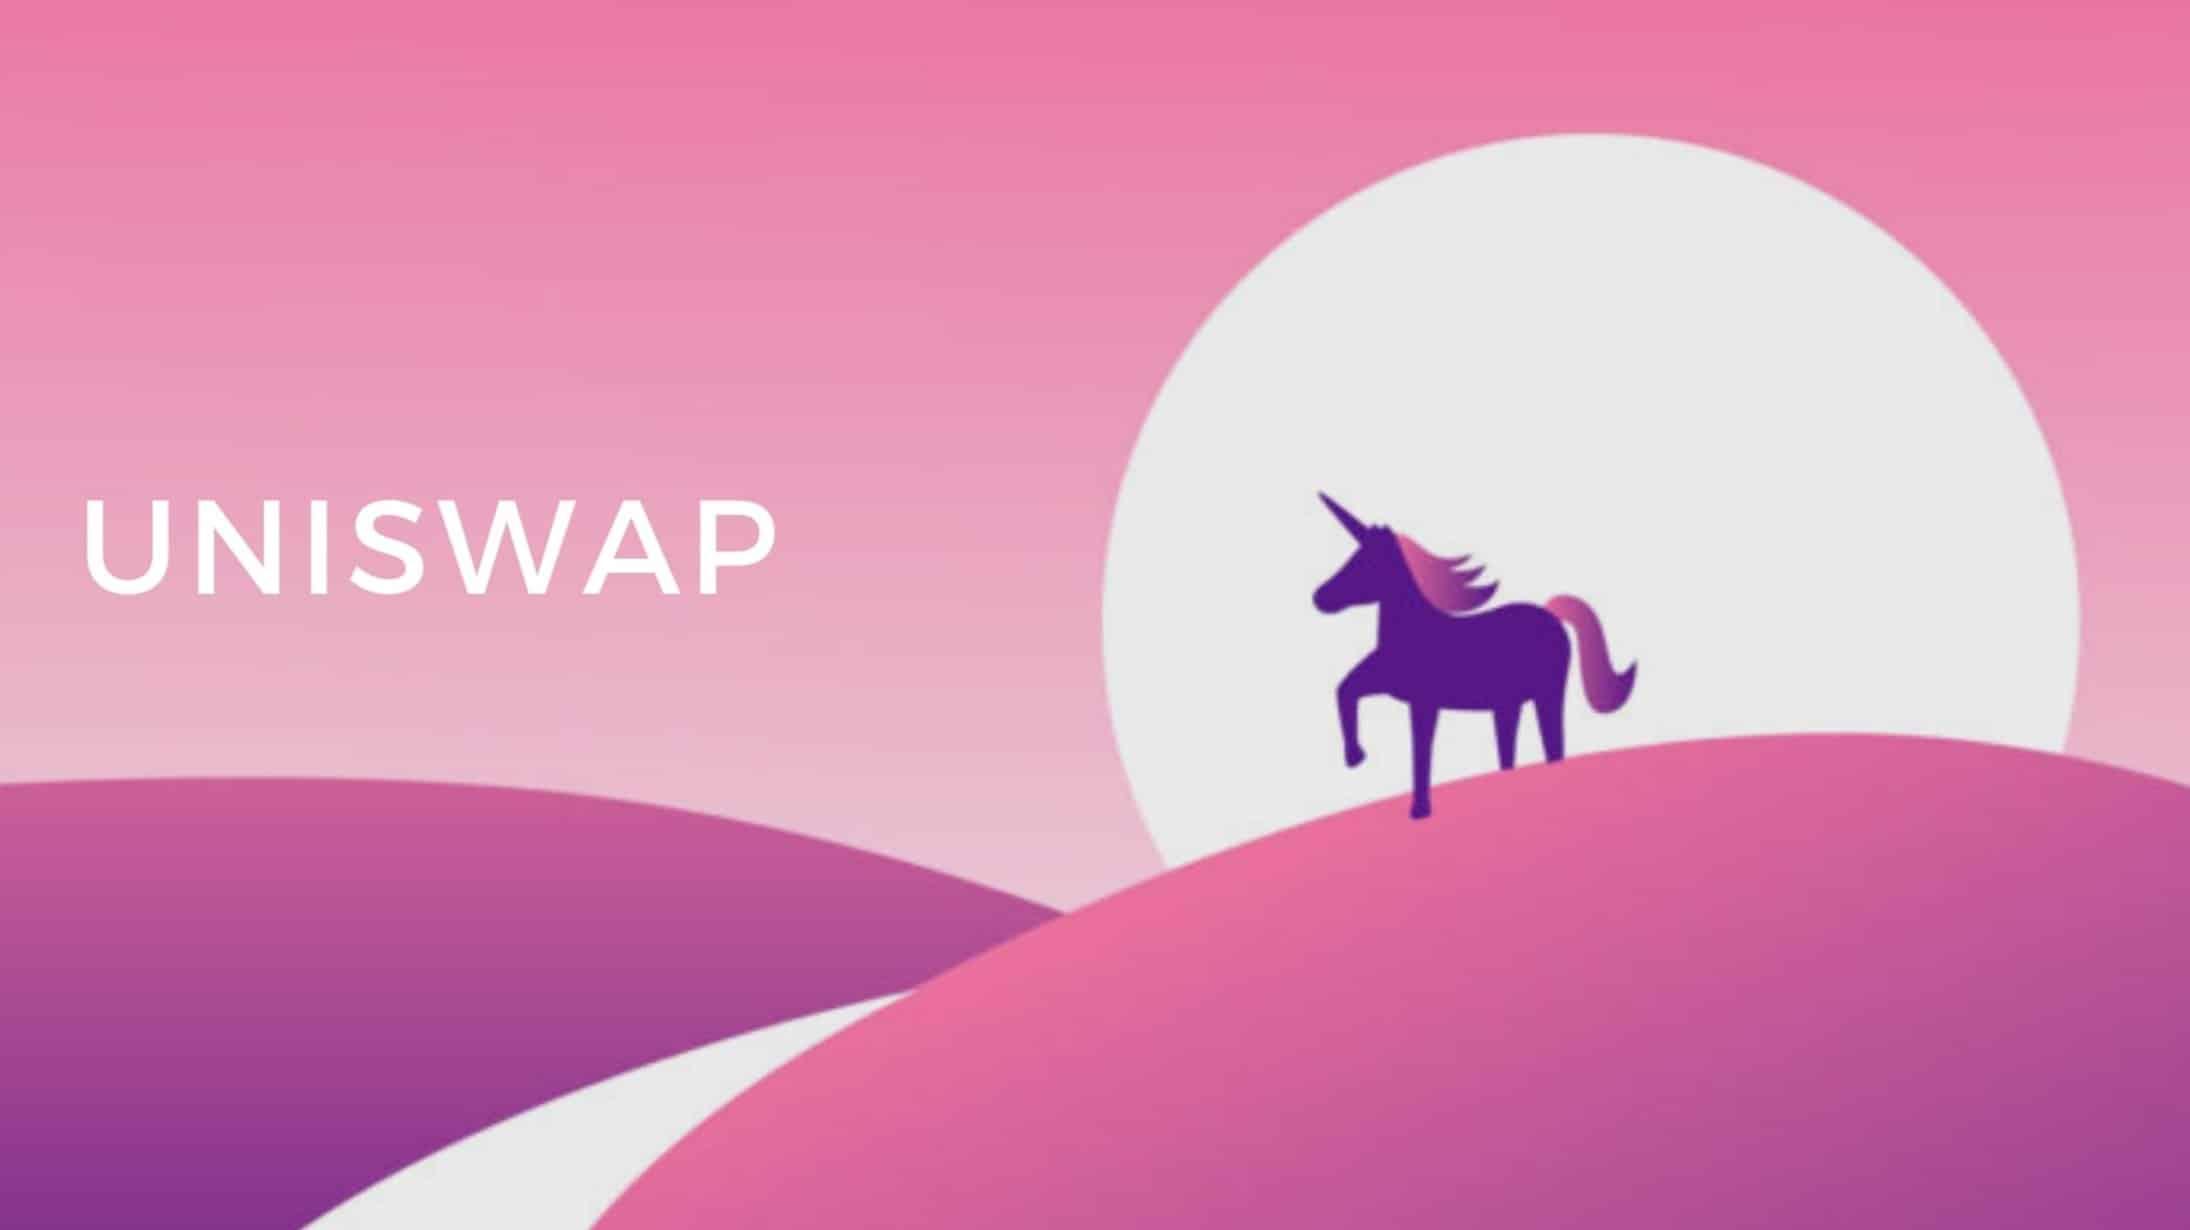 مشروع Uniswap يطلق عملته الرقمية UNI ... التفاصيل هنا